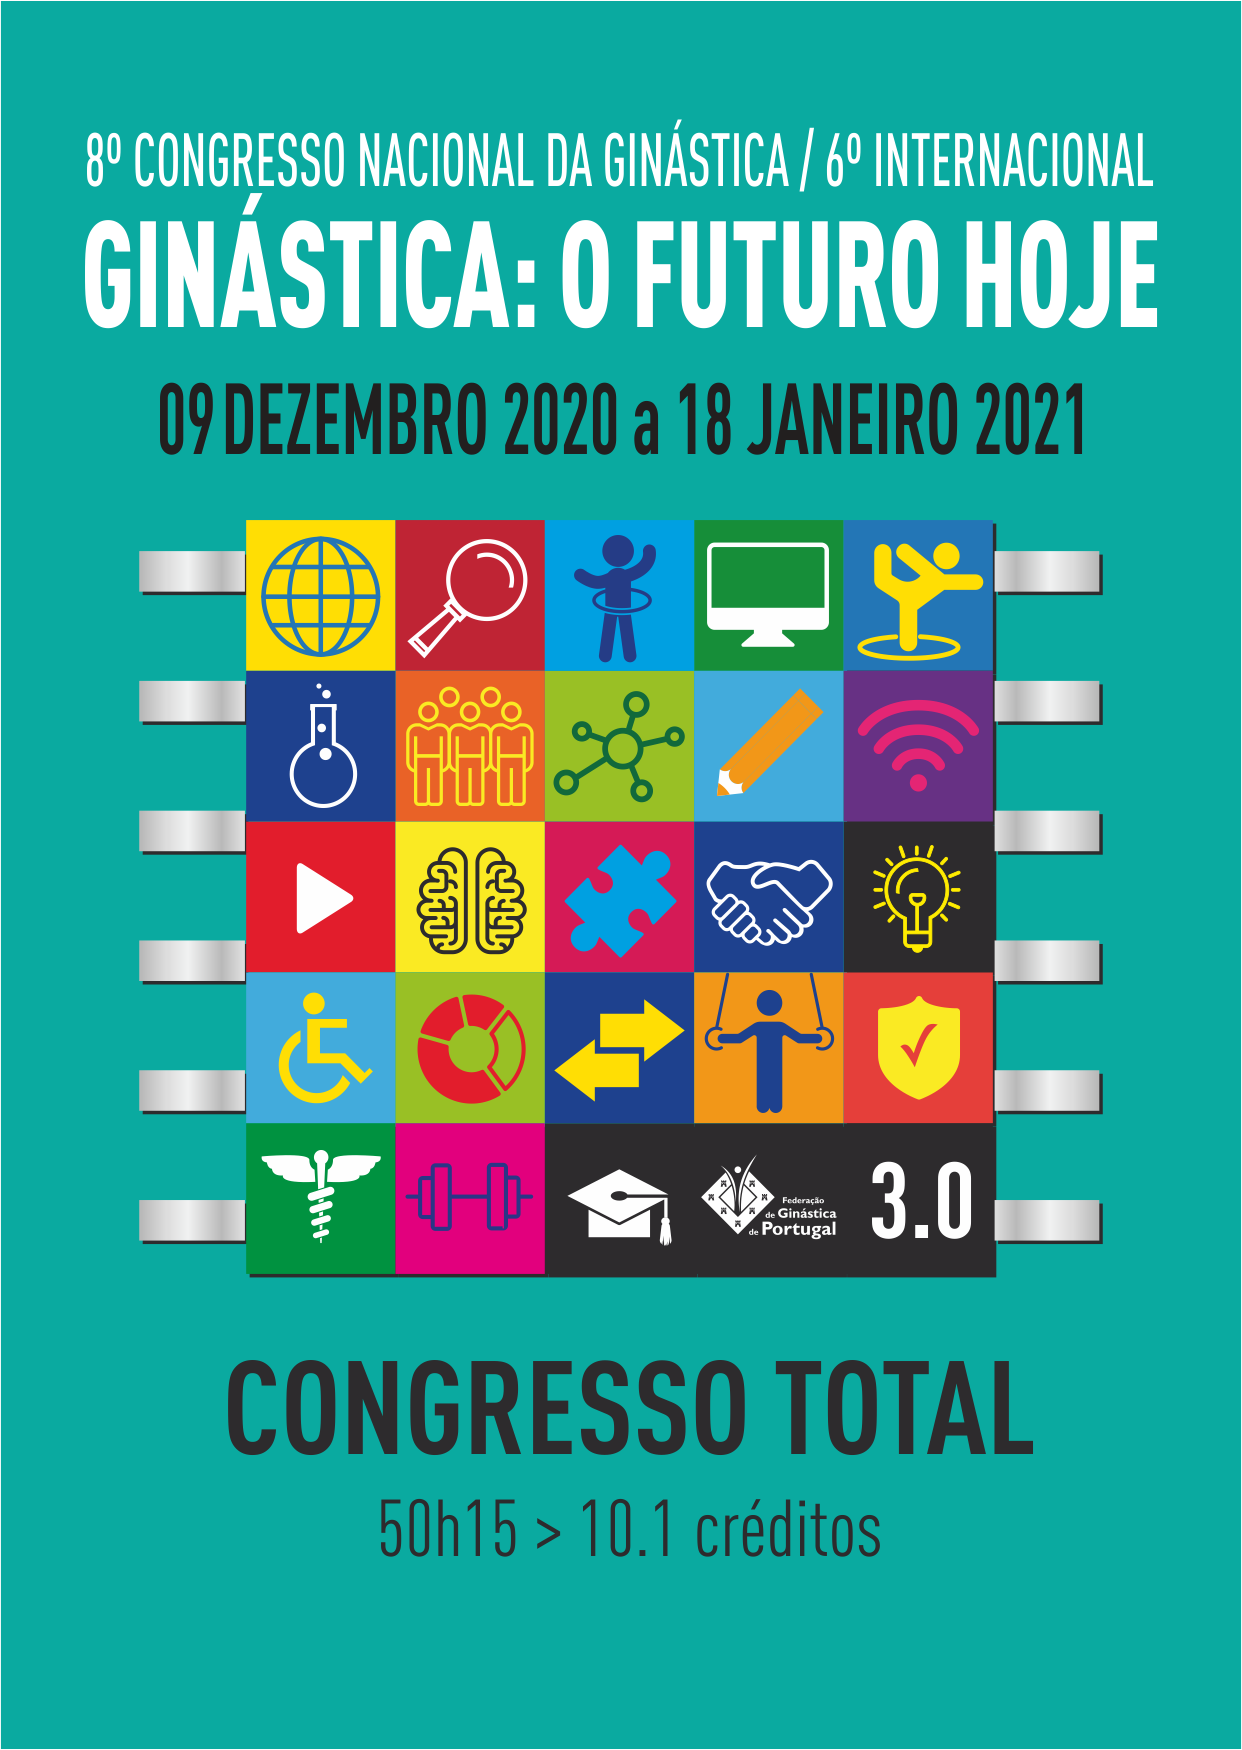 8º Congresso da Ginástica 2020 - Total